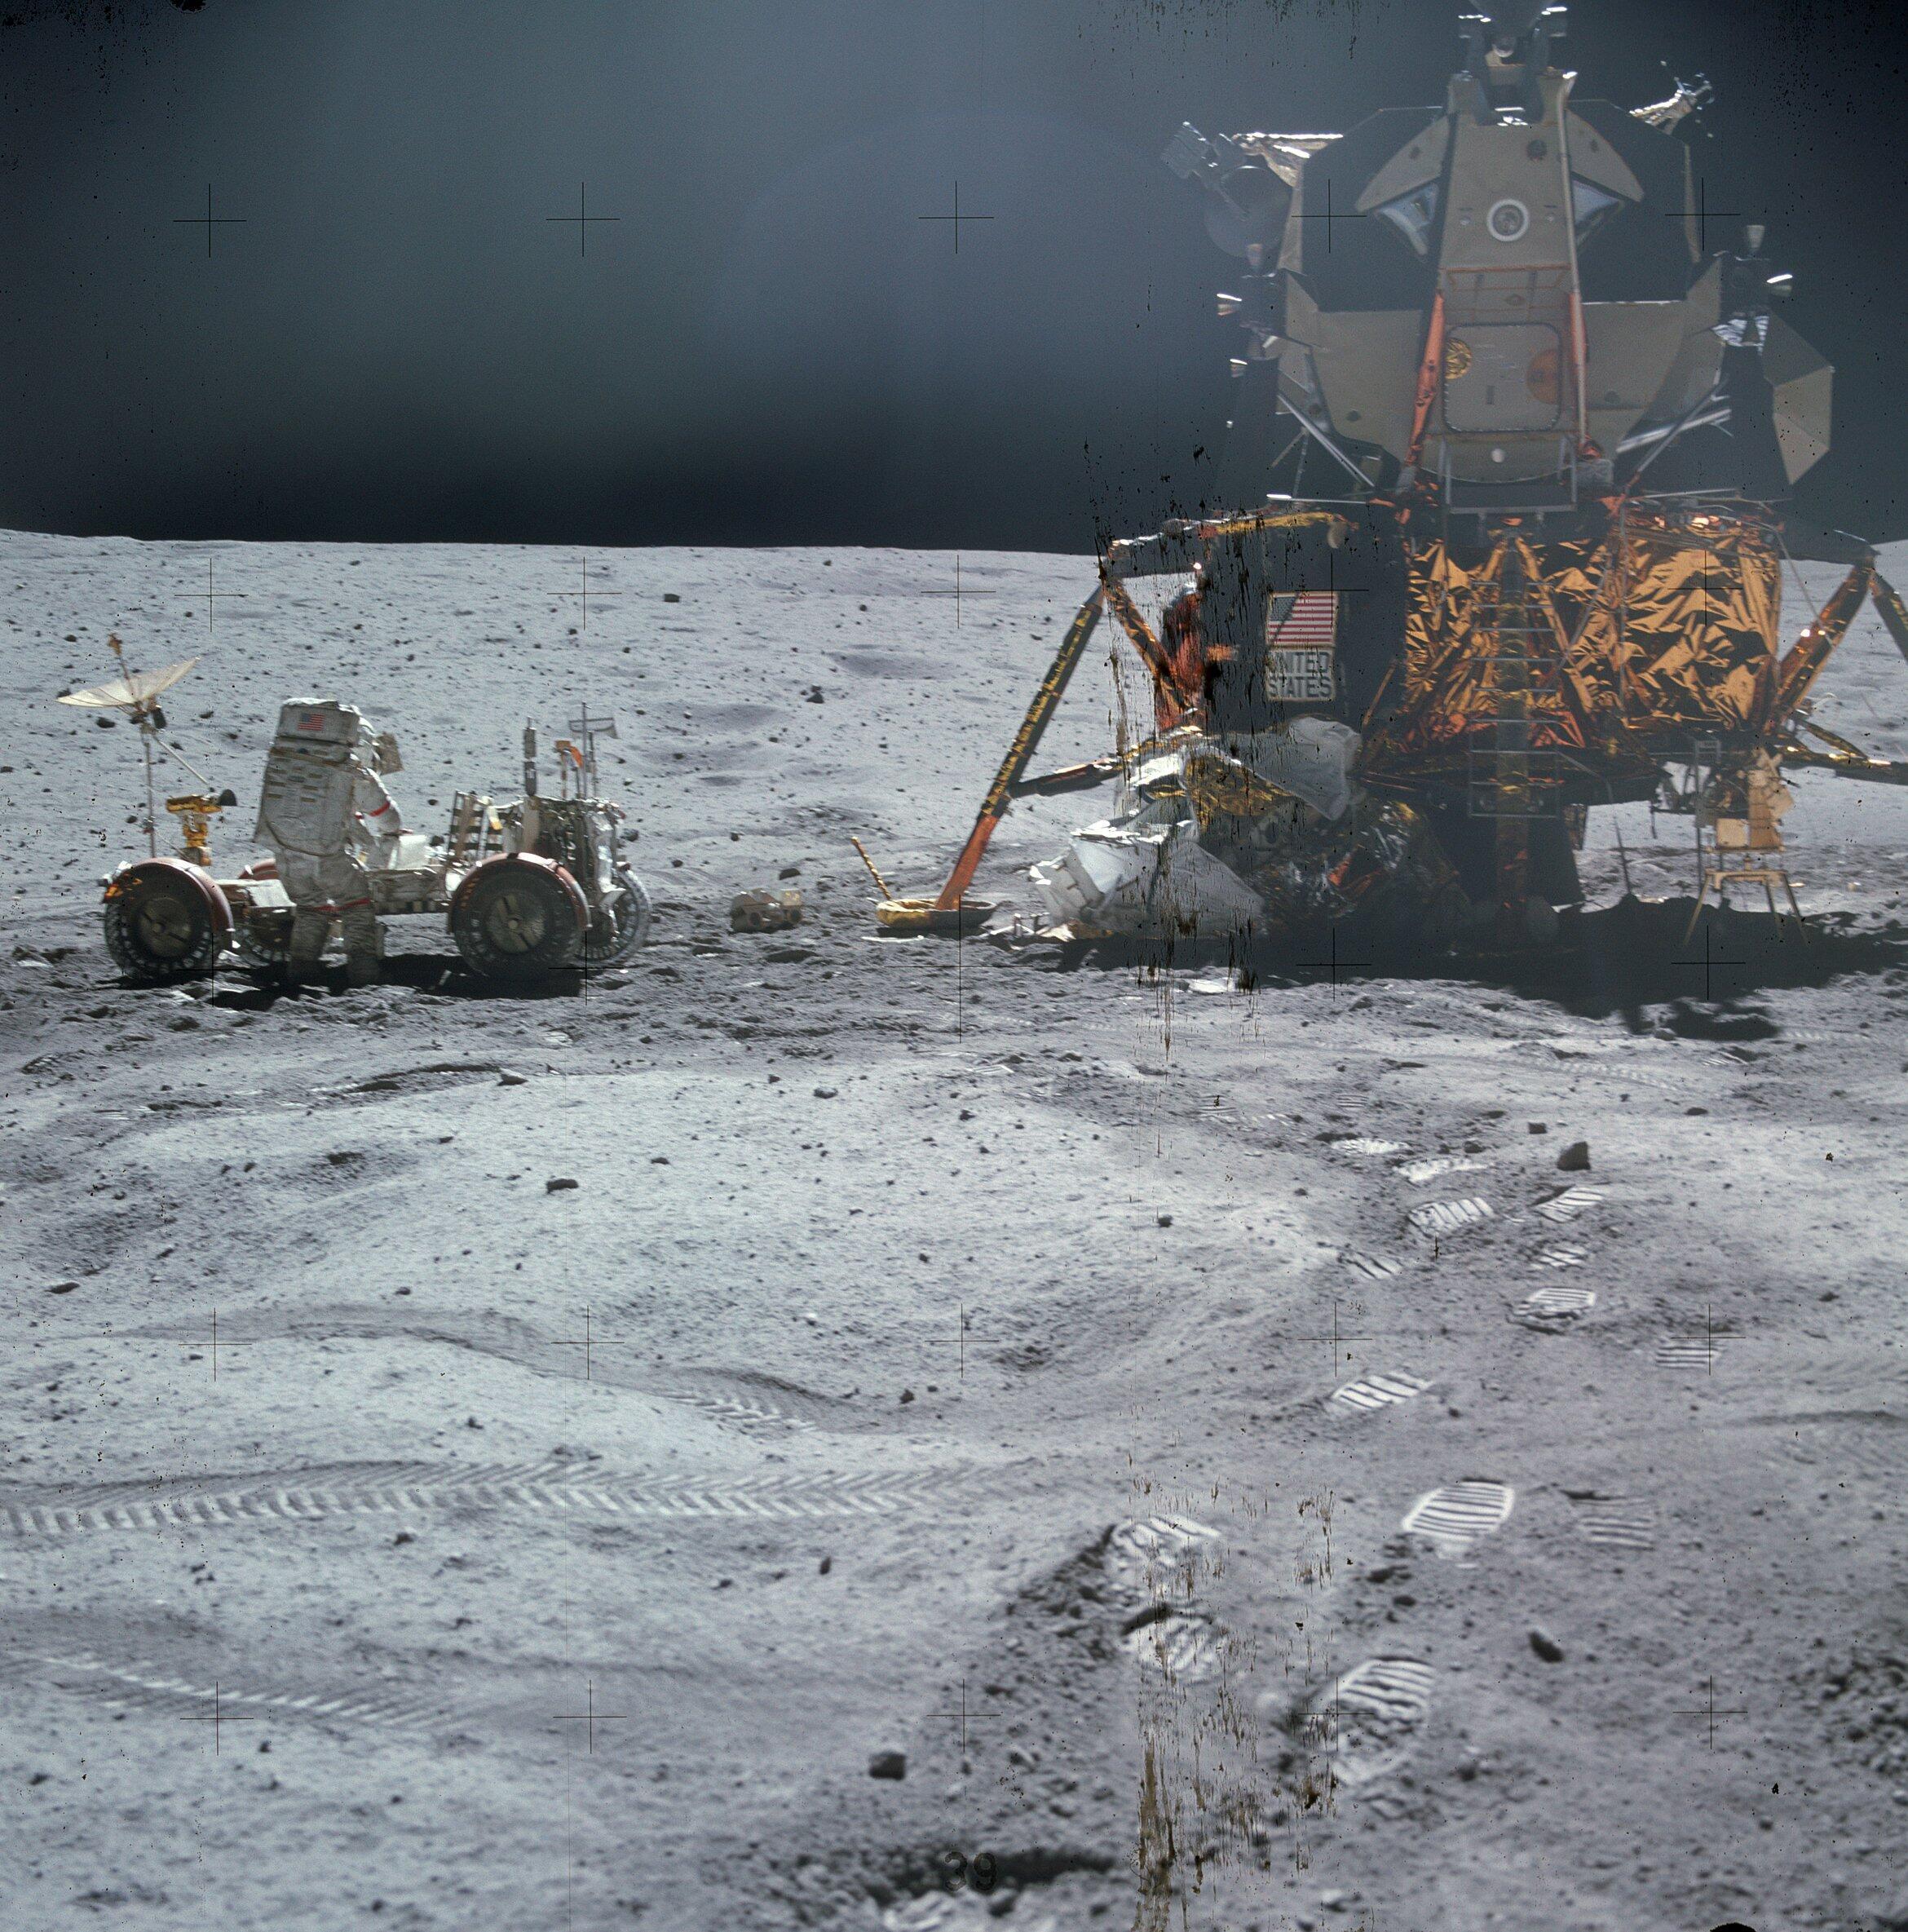 John W. Young de la mission Apollo 16 travaille sur le Rover lunaire à coté du module lunaire. Pour se déplacer plus facilement, un rover a été amené avec la mission Apollo 15.